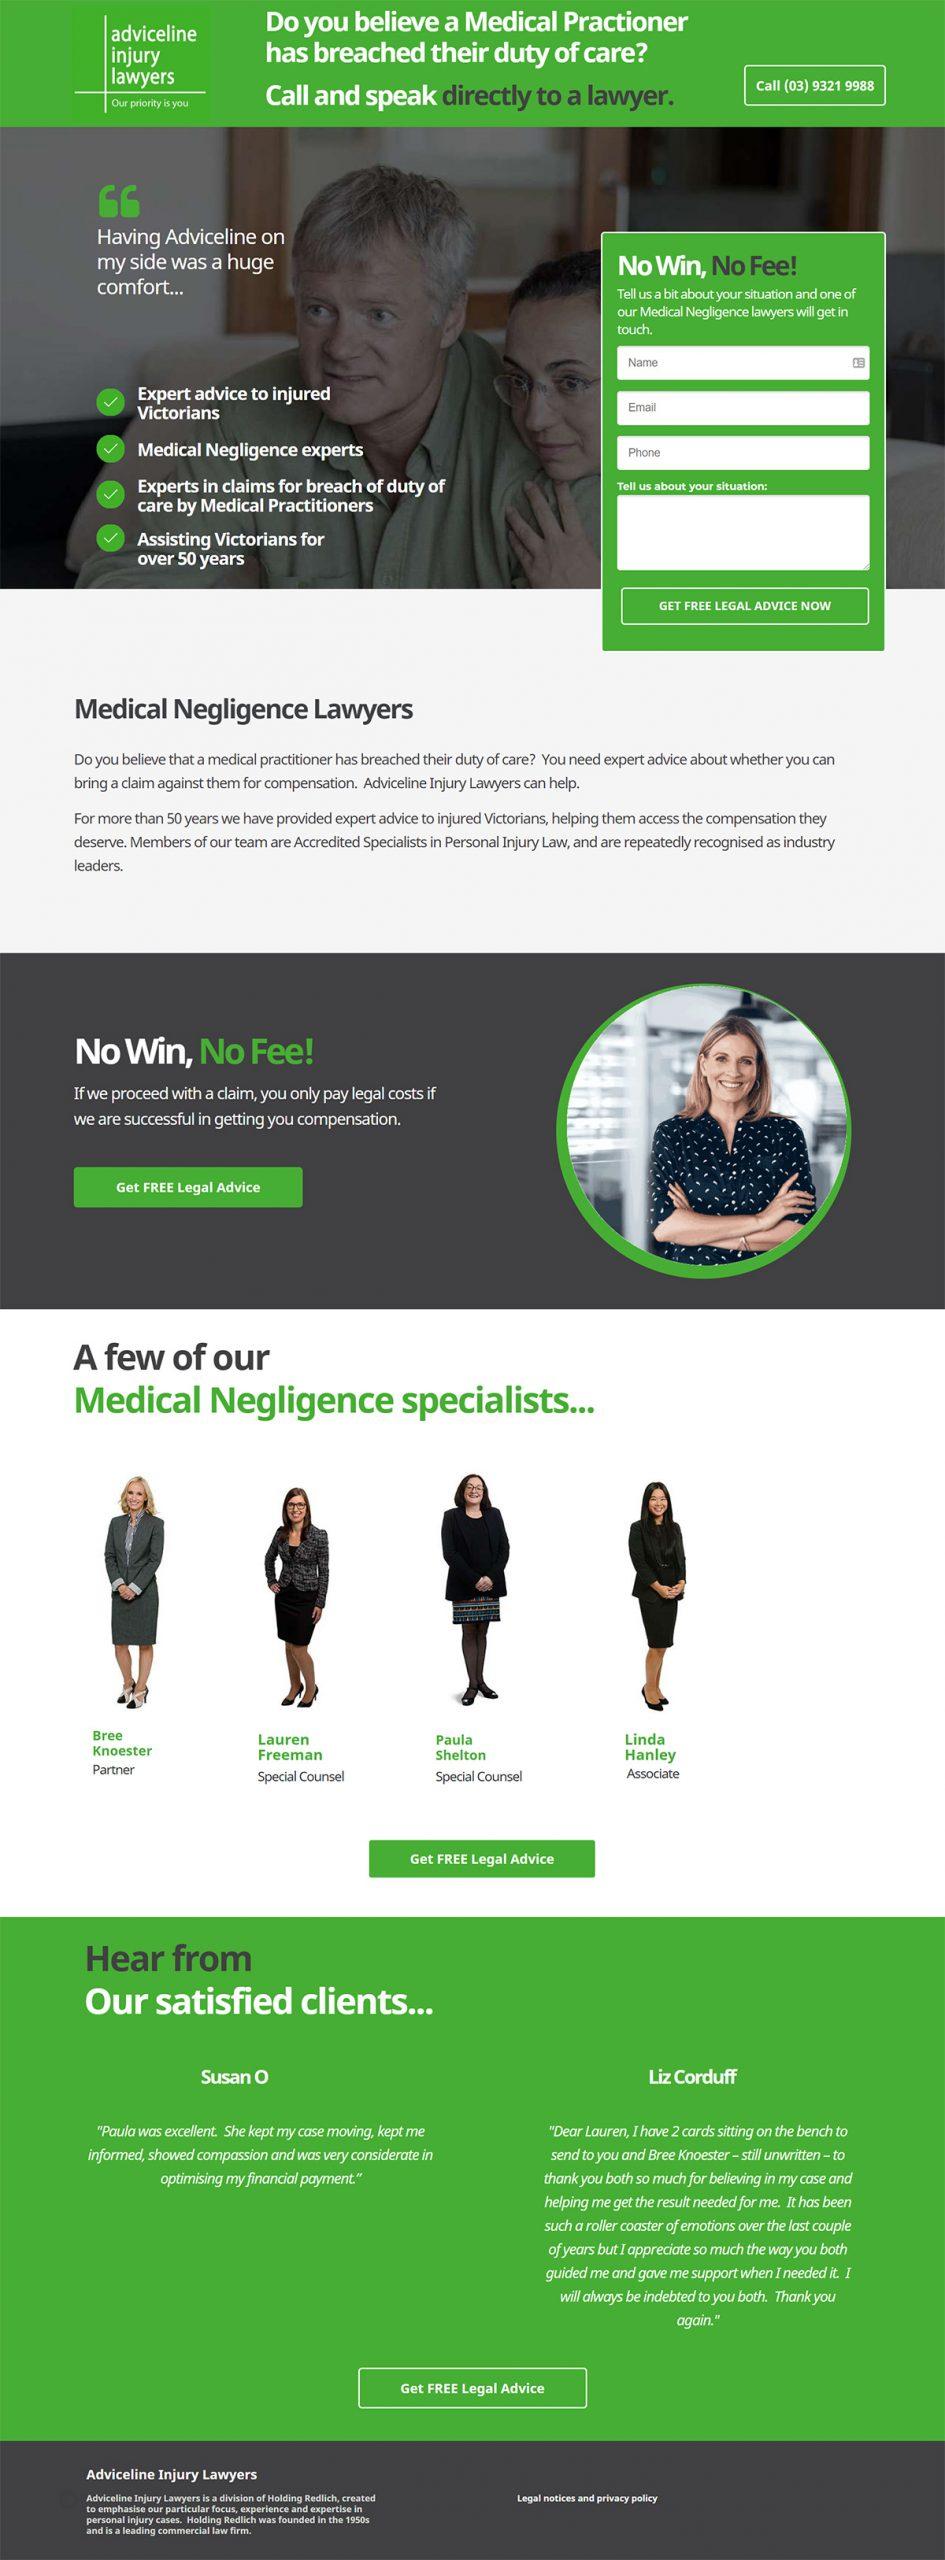 large_Adviceline-Injury-Lawyers-Medical-Negligence-scaled